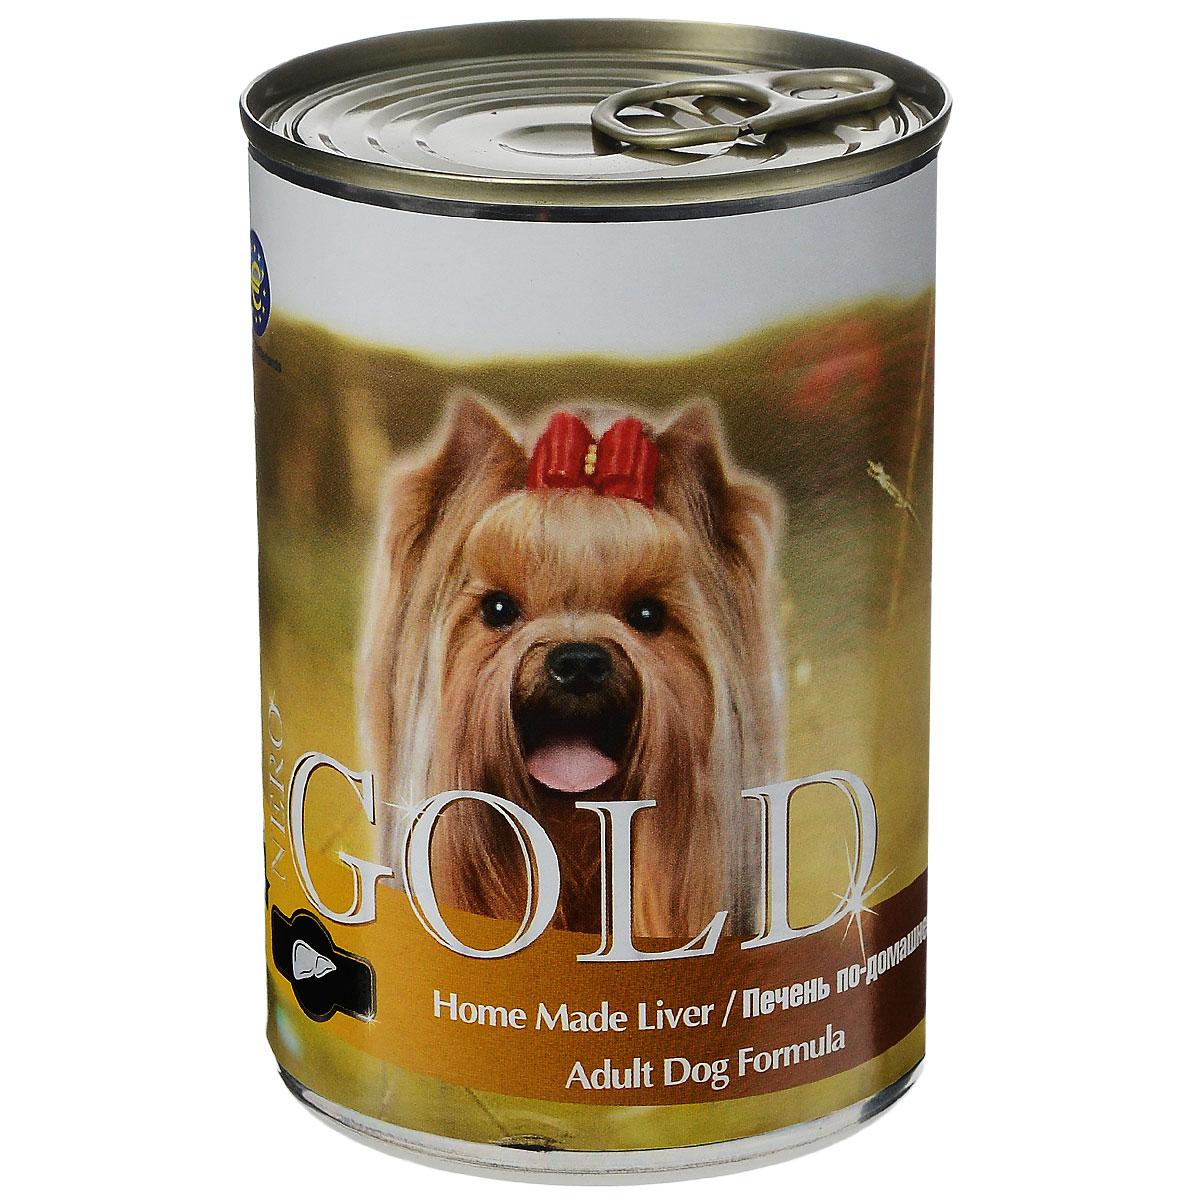 Консервы для собак Nero Gold, с печенью по-домашнему, 410 г10276Консервы для собак Nero Gold - полнорационный продукт, содержащий все необходимые витамины и минералы, сбалансированный для поддержания оптимального здоровья вашего питомца! Состав: мясо и его производные, филе курицы, печень, злаки, витамины и минералы. Гарантированный анализ: белки 6,5%, жиры 4,5%, клетчатка 0,5%, зола 2%, влага 81%. Пищевые добавки на 1 кг продукта: витамин А 1600 МЕ, витамин D 140 МЕ, витамин Е 10 МЕ, железо 24 мг, марганец 6 мг, цинк 15 мг, медь 1 мг, магний 200 мг, йод 0,3 мг, селен 0,2 мг. Вес: 410 г. Товар сертифицирован.